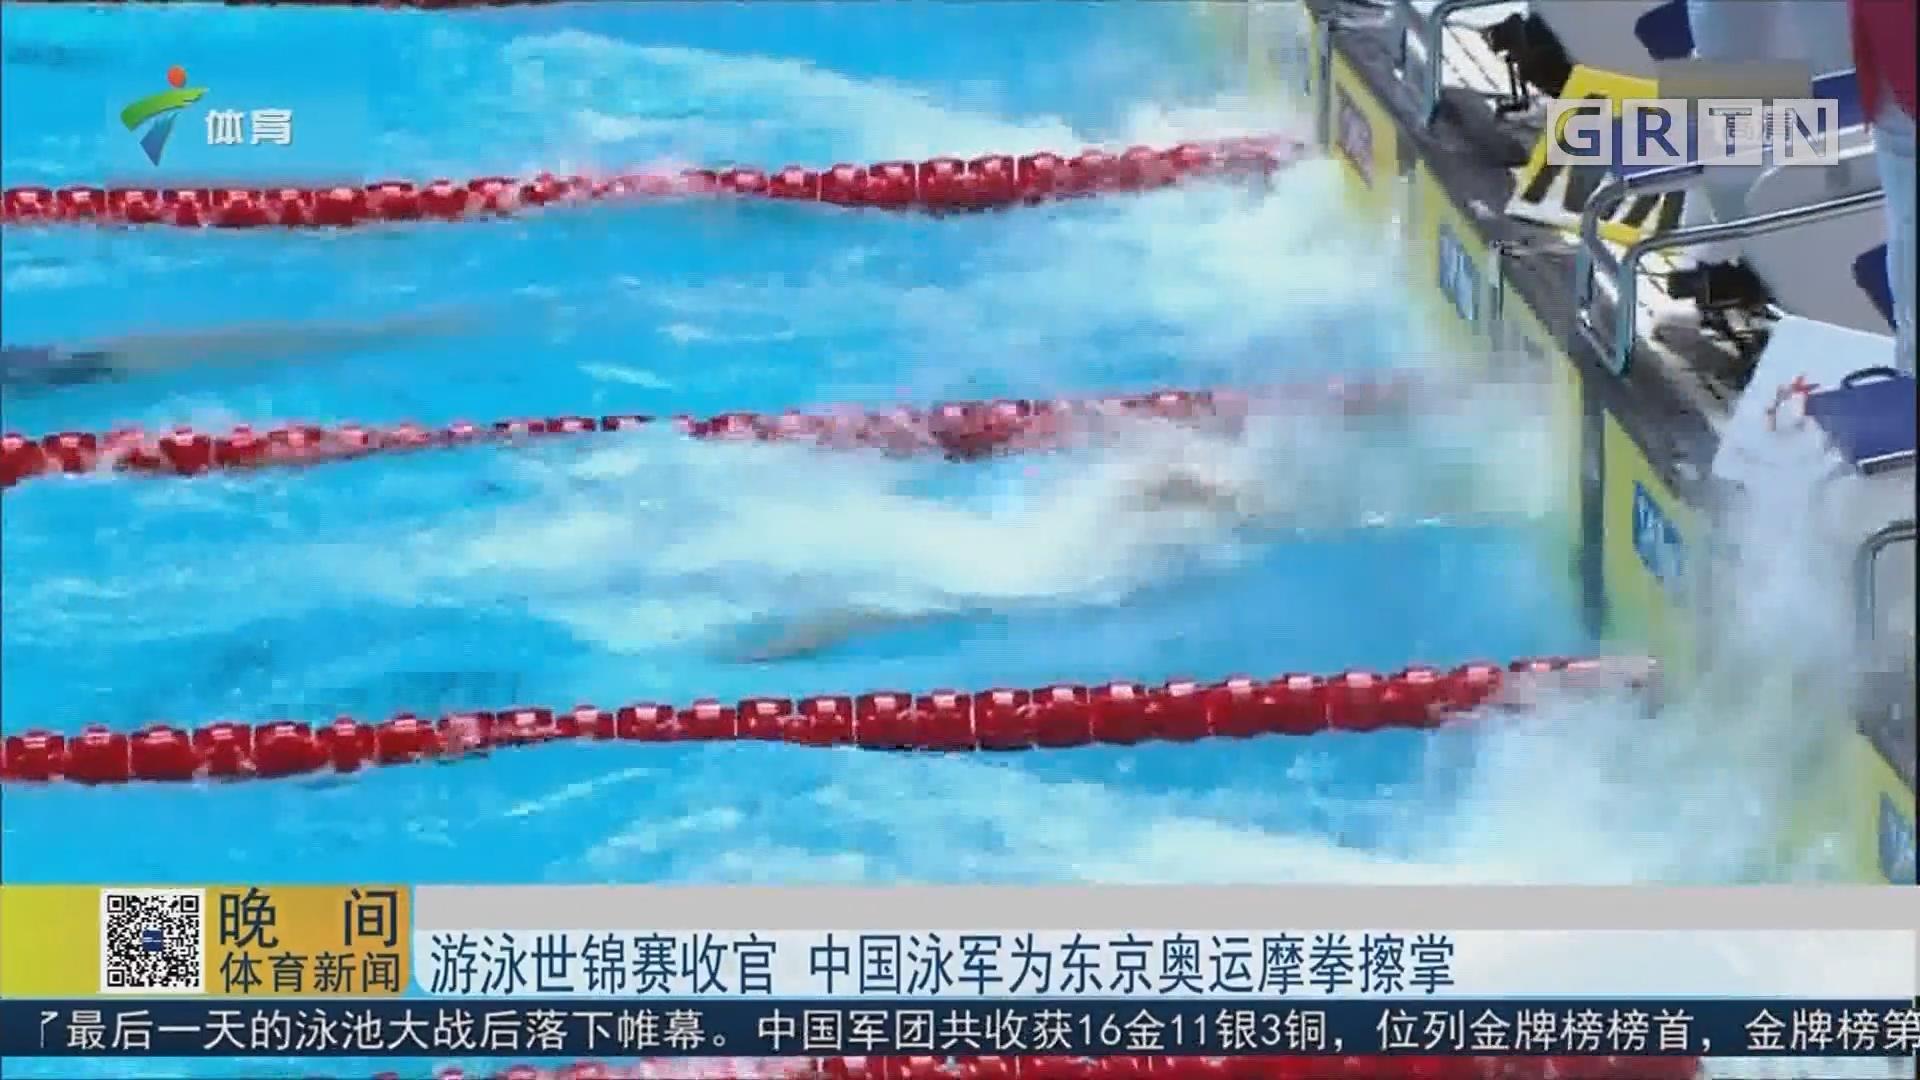 游泳世锦赛收官 中国泳军为东京奥运摩拳擦掌